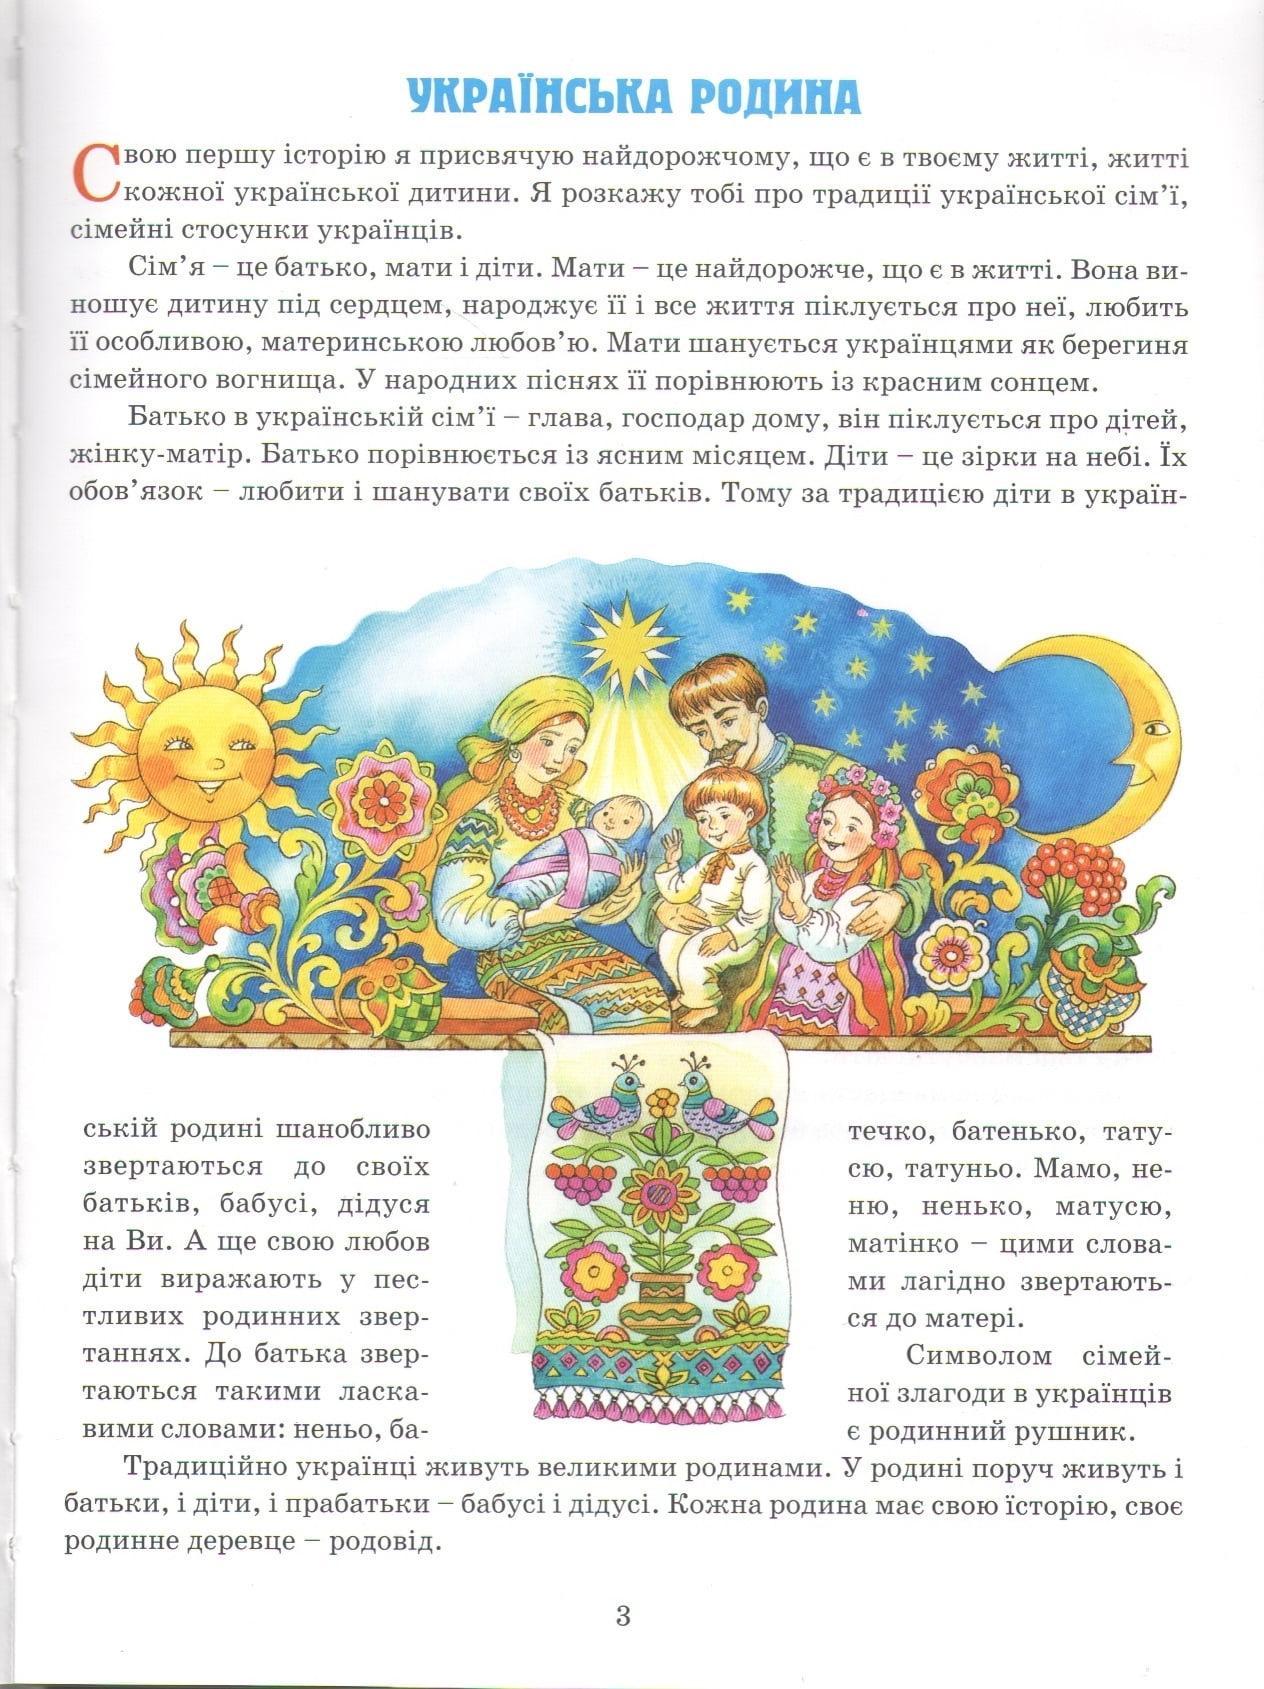 Моя країна - Україна. Українське народознавство для дошкільнят - фото 2